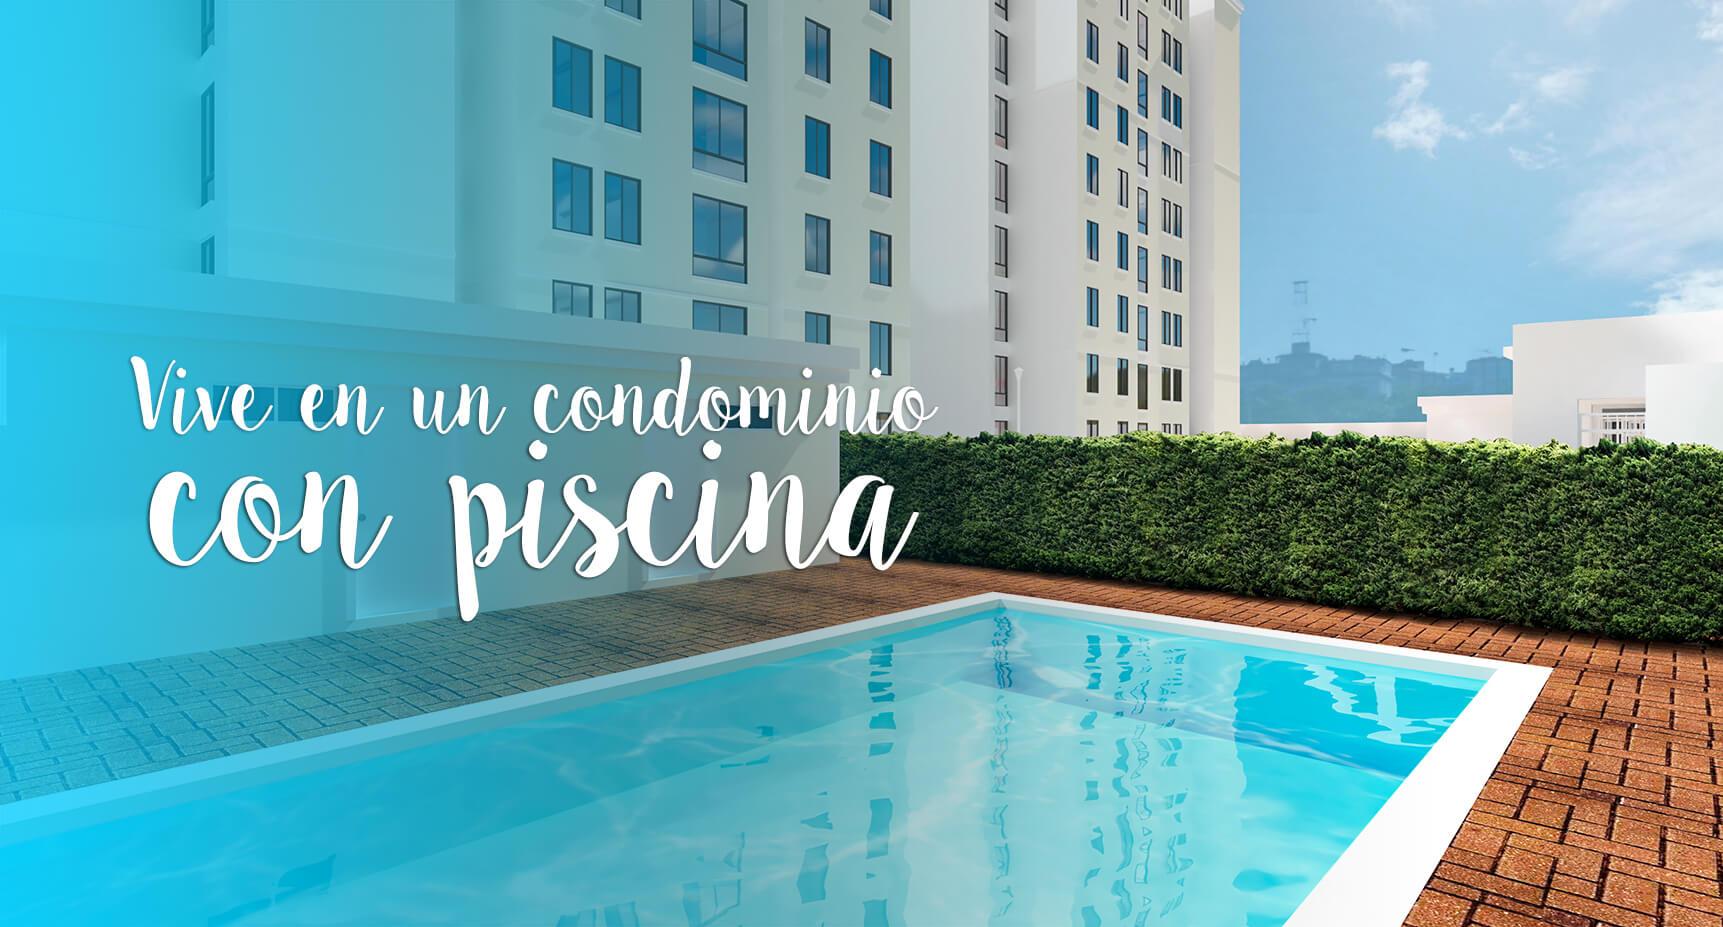 Nuevo concepto de vivienda en la ciudad de Piura